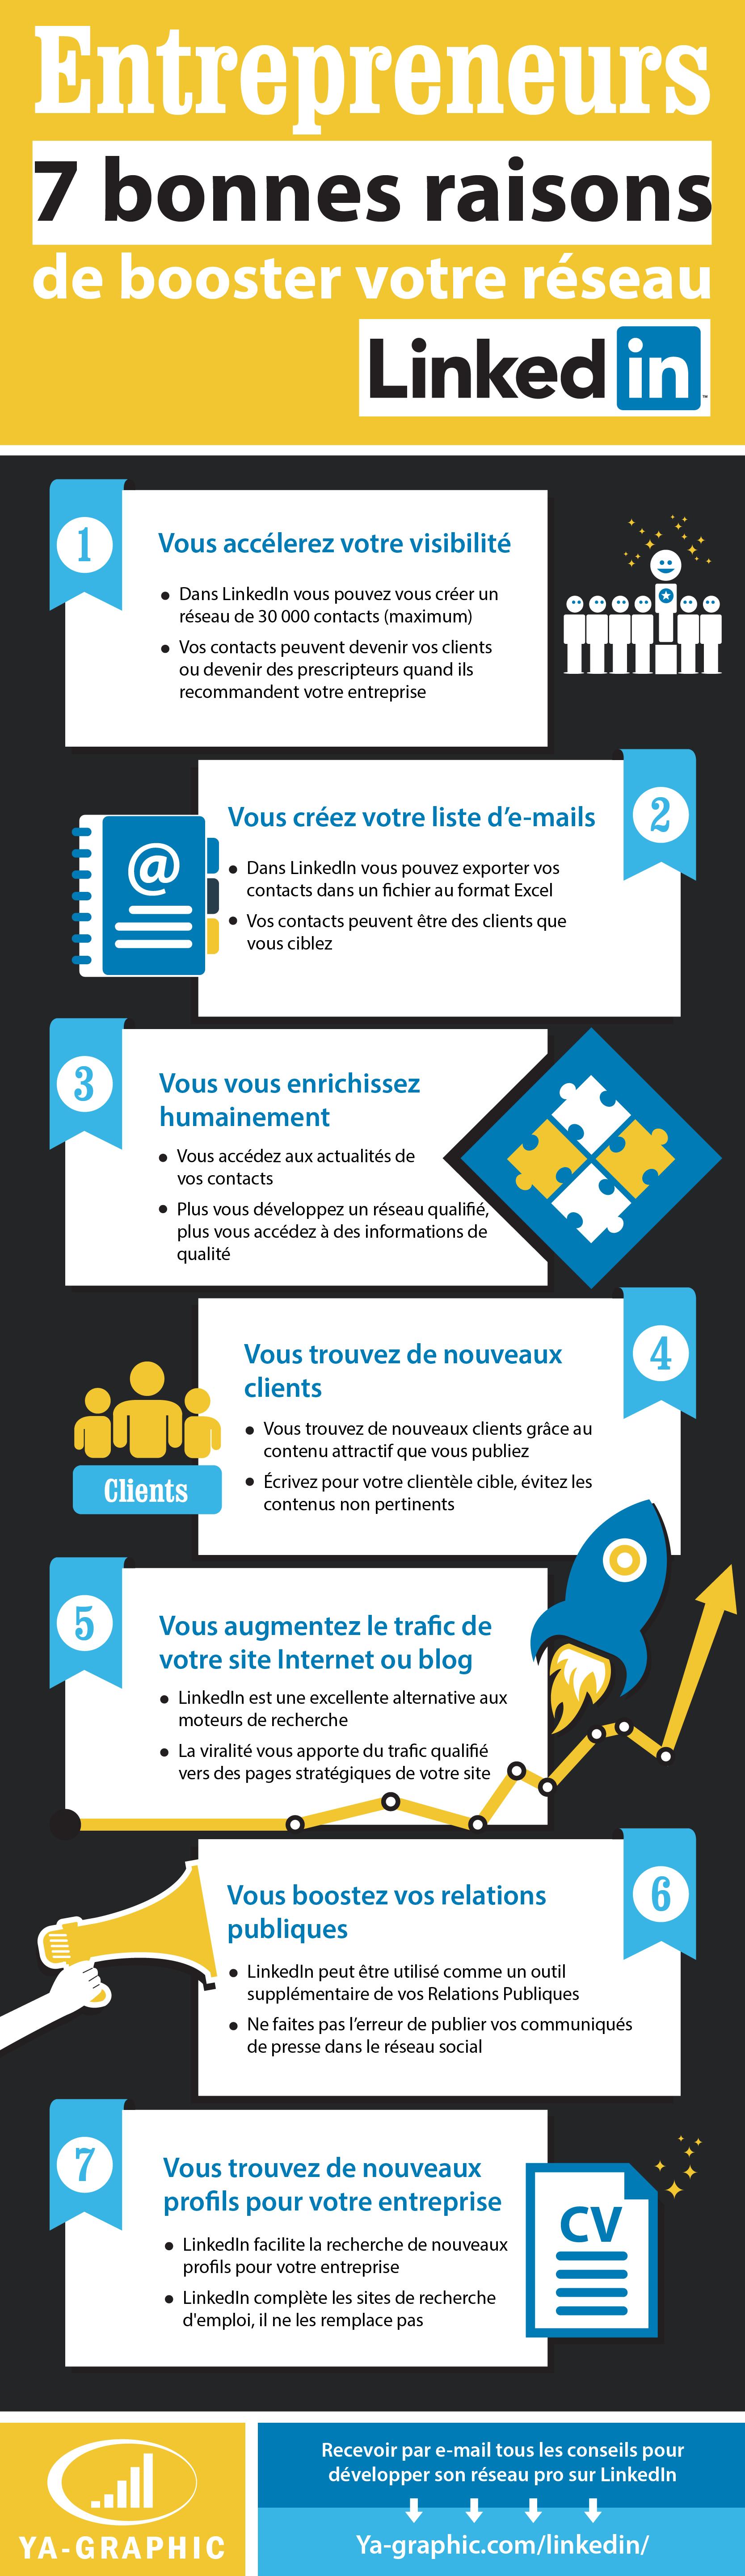 Infographie LinkedIn : Entrepreneurs, 7 bonnes raisons de booster votre réseau LinkedIn